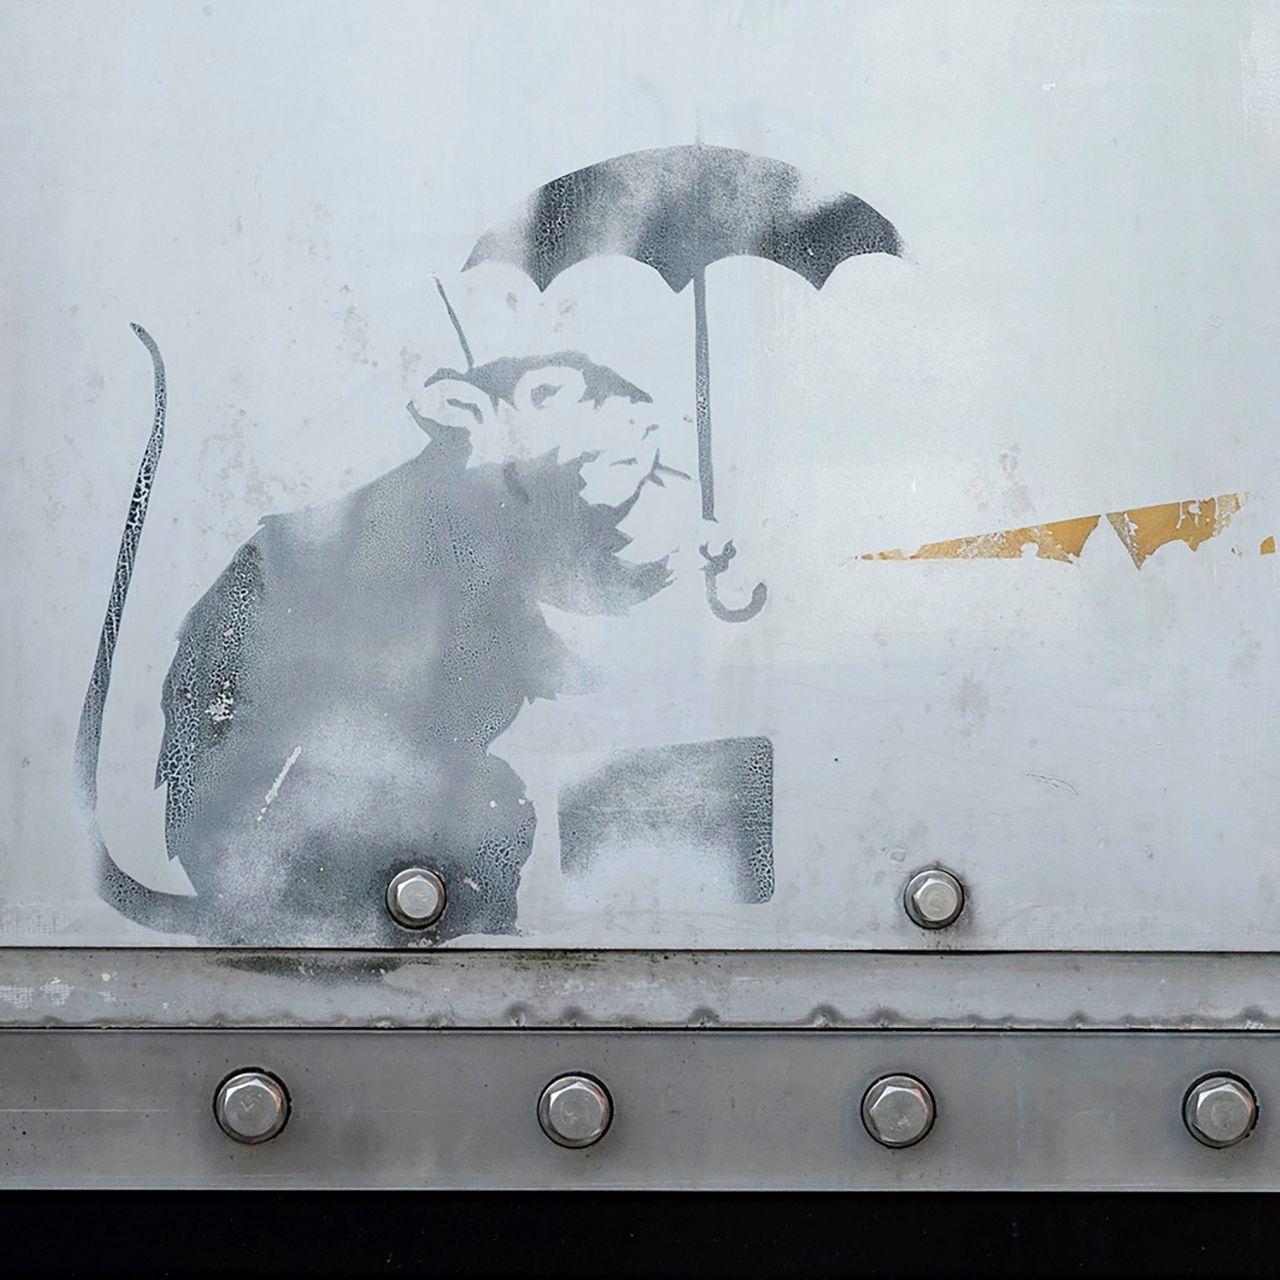 東京都一處防潮門有人塗鴉小老鼠撐傘圖,被傳可能是英國知名塗鴉藝術家班克西(Ban...